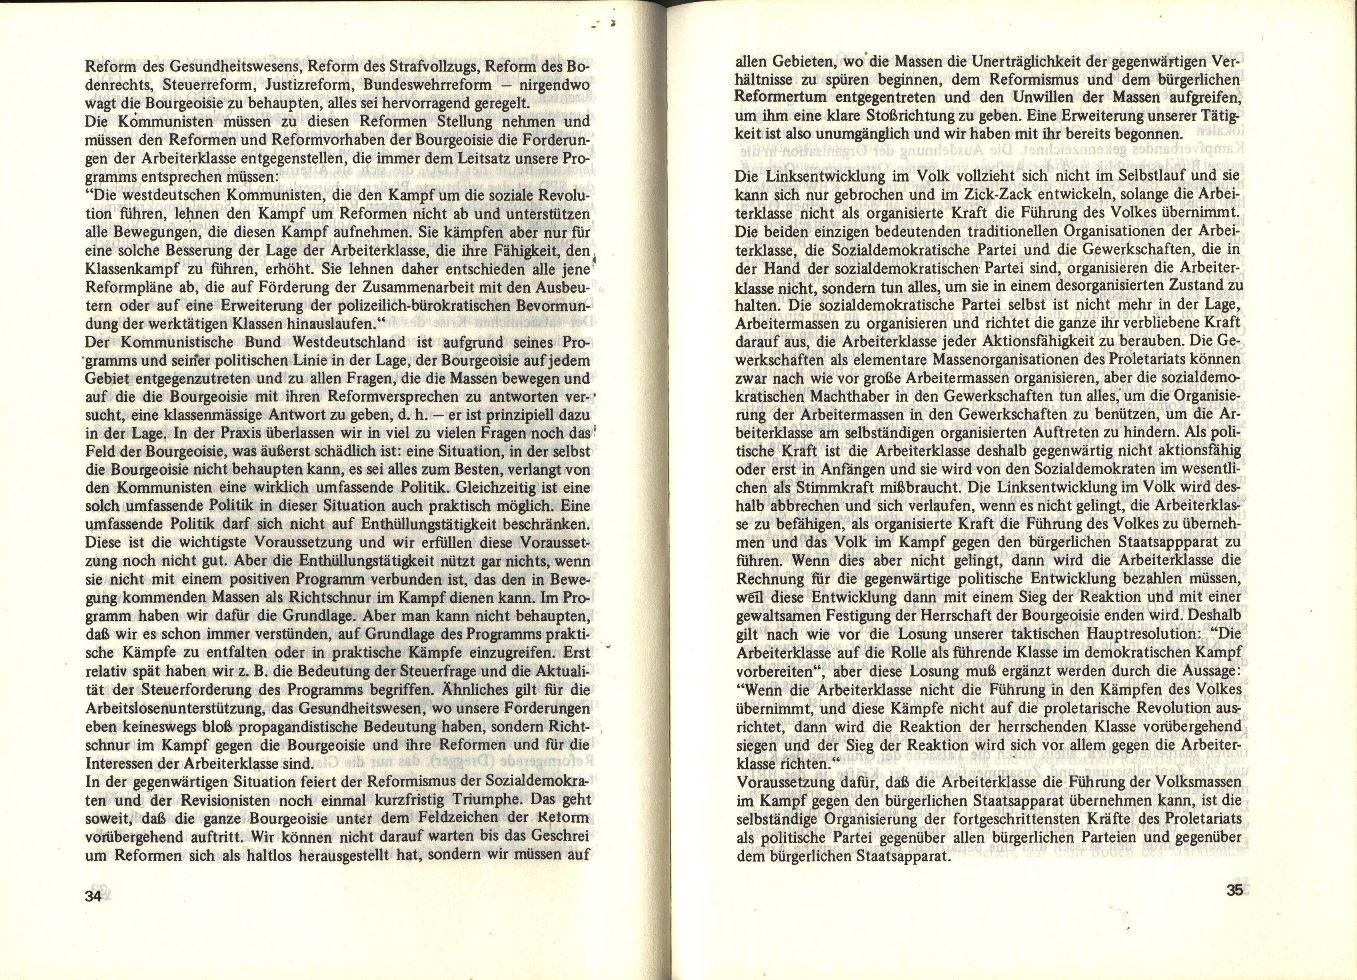 KBW_1974_Politischer_Bericht019